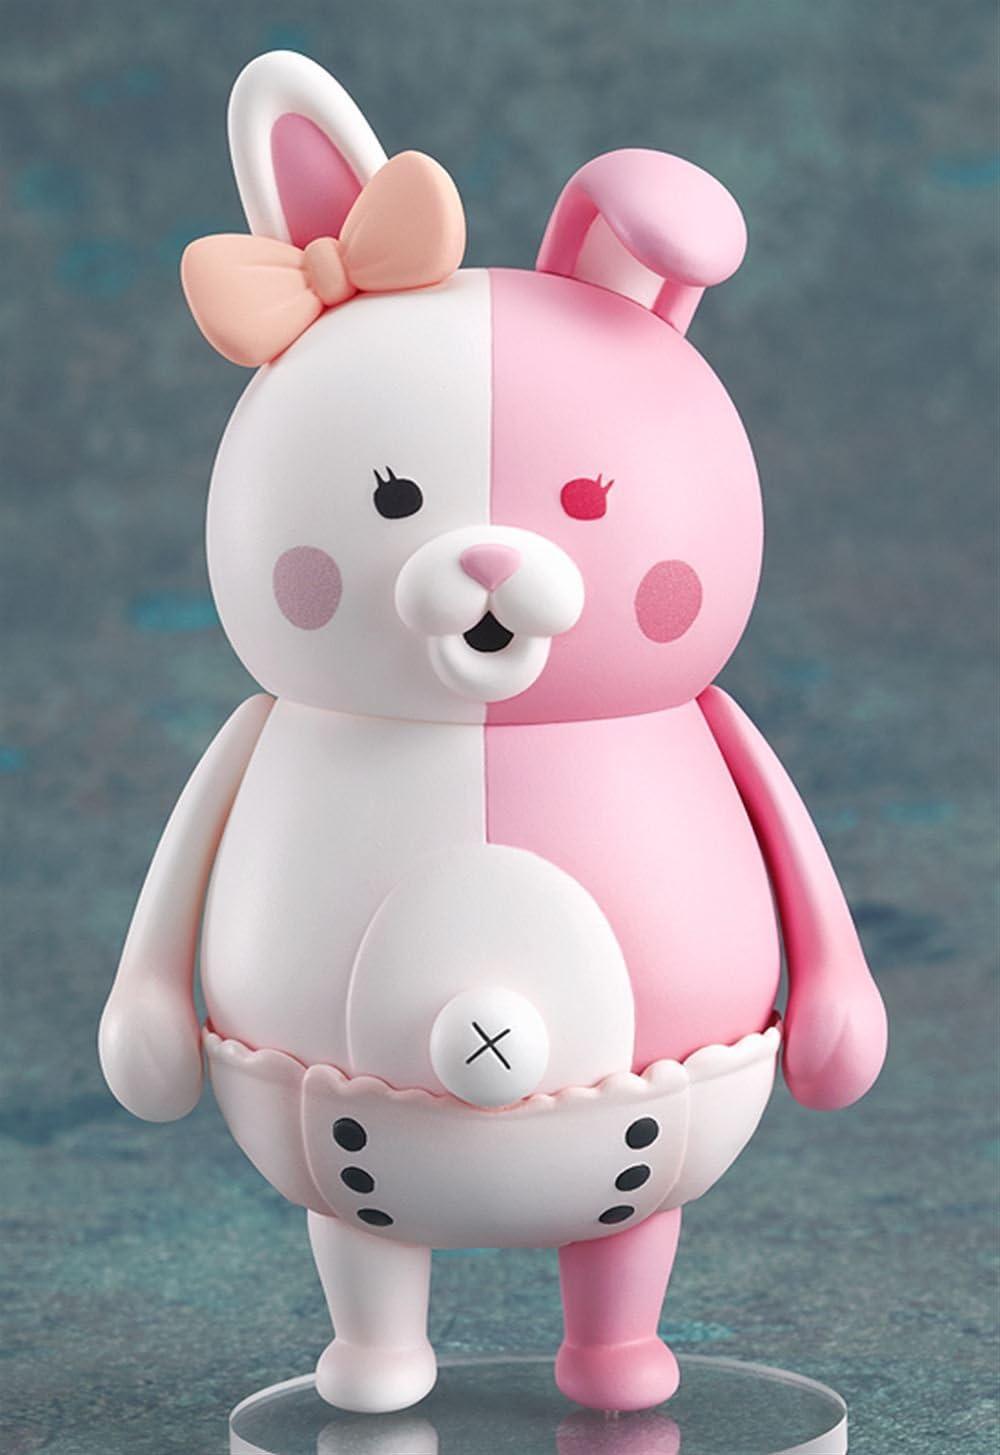 Good Smile Company Nendoroid Super Danganronpa 2 Monokuma Figure Doll